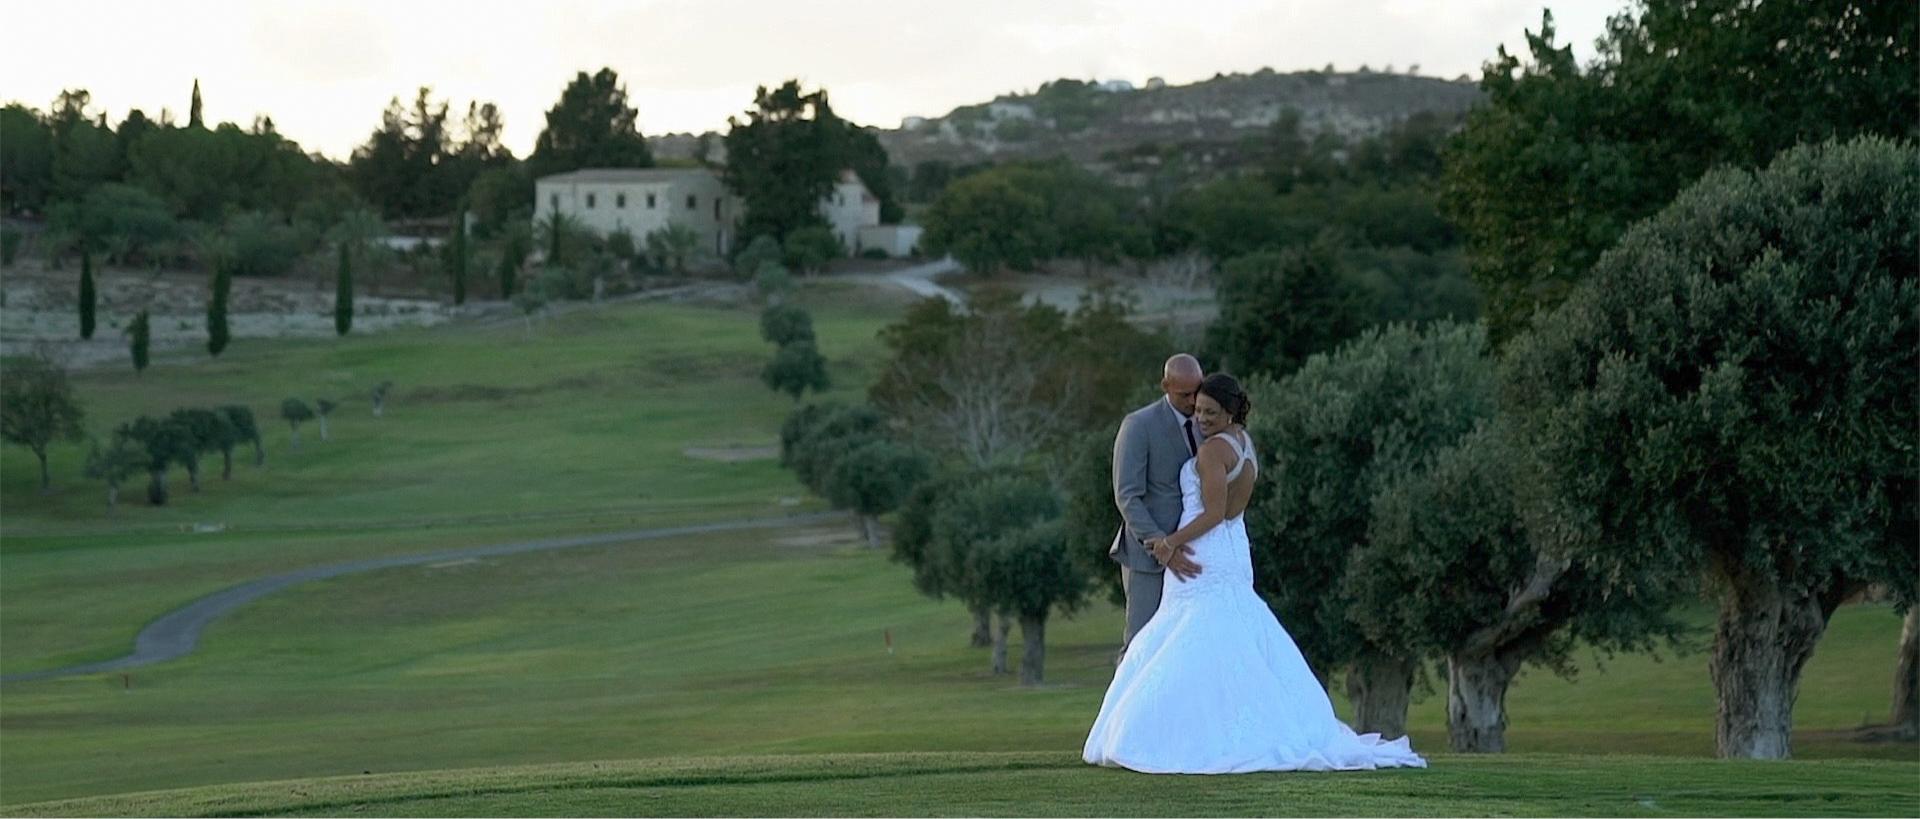 Claire + Steve | Paphos, Cyprus | Minthis Hills